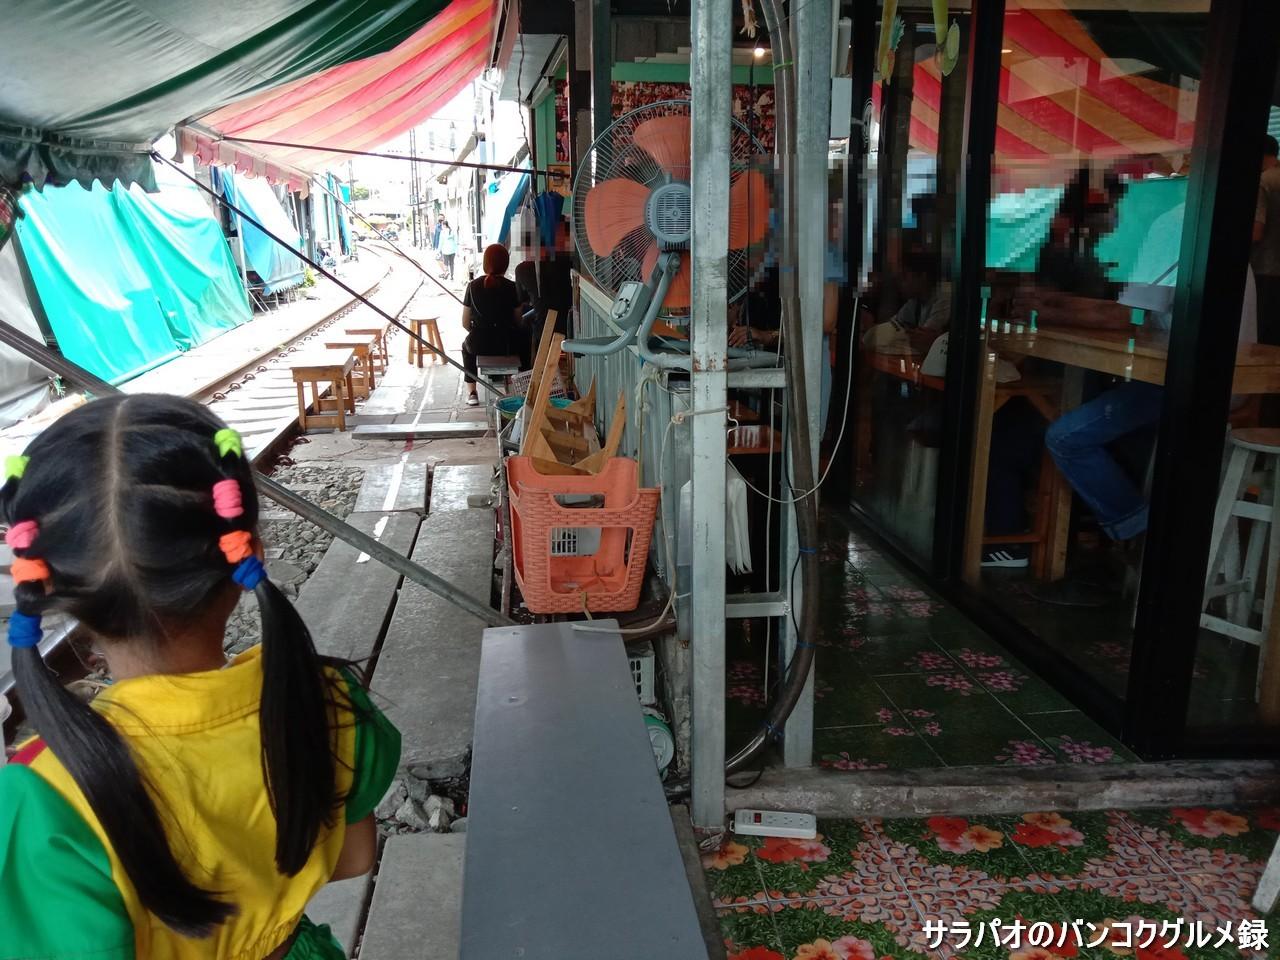 Punjung Cafeは通過する電車を席に座ったまま見れるカフェ in メークロン市場